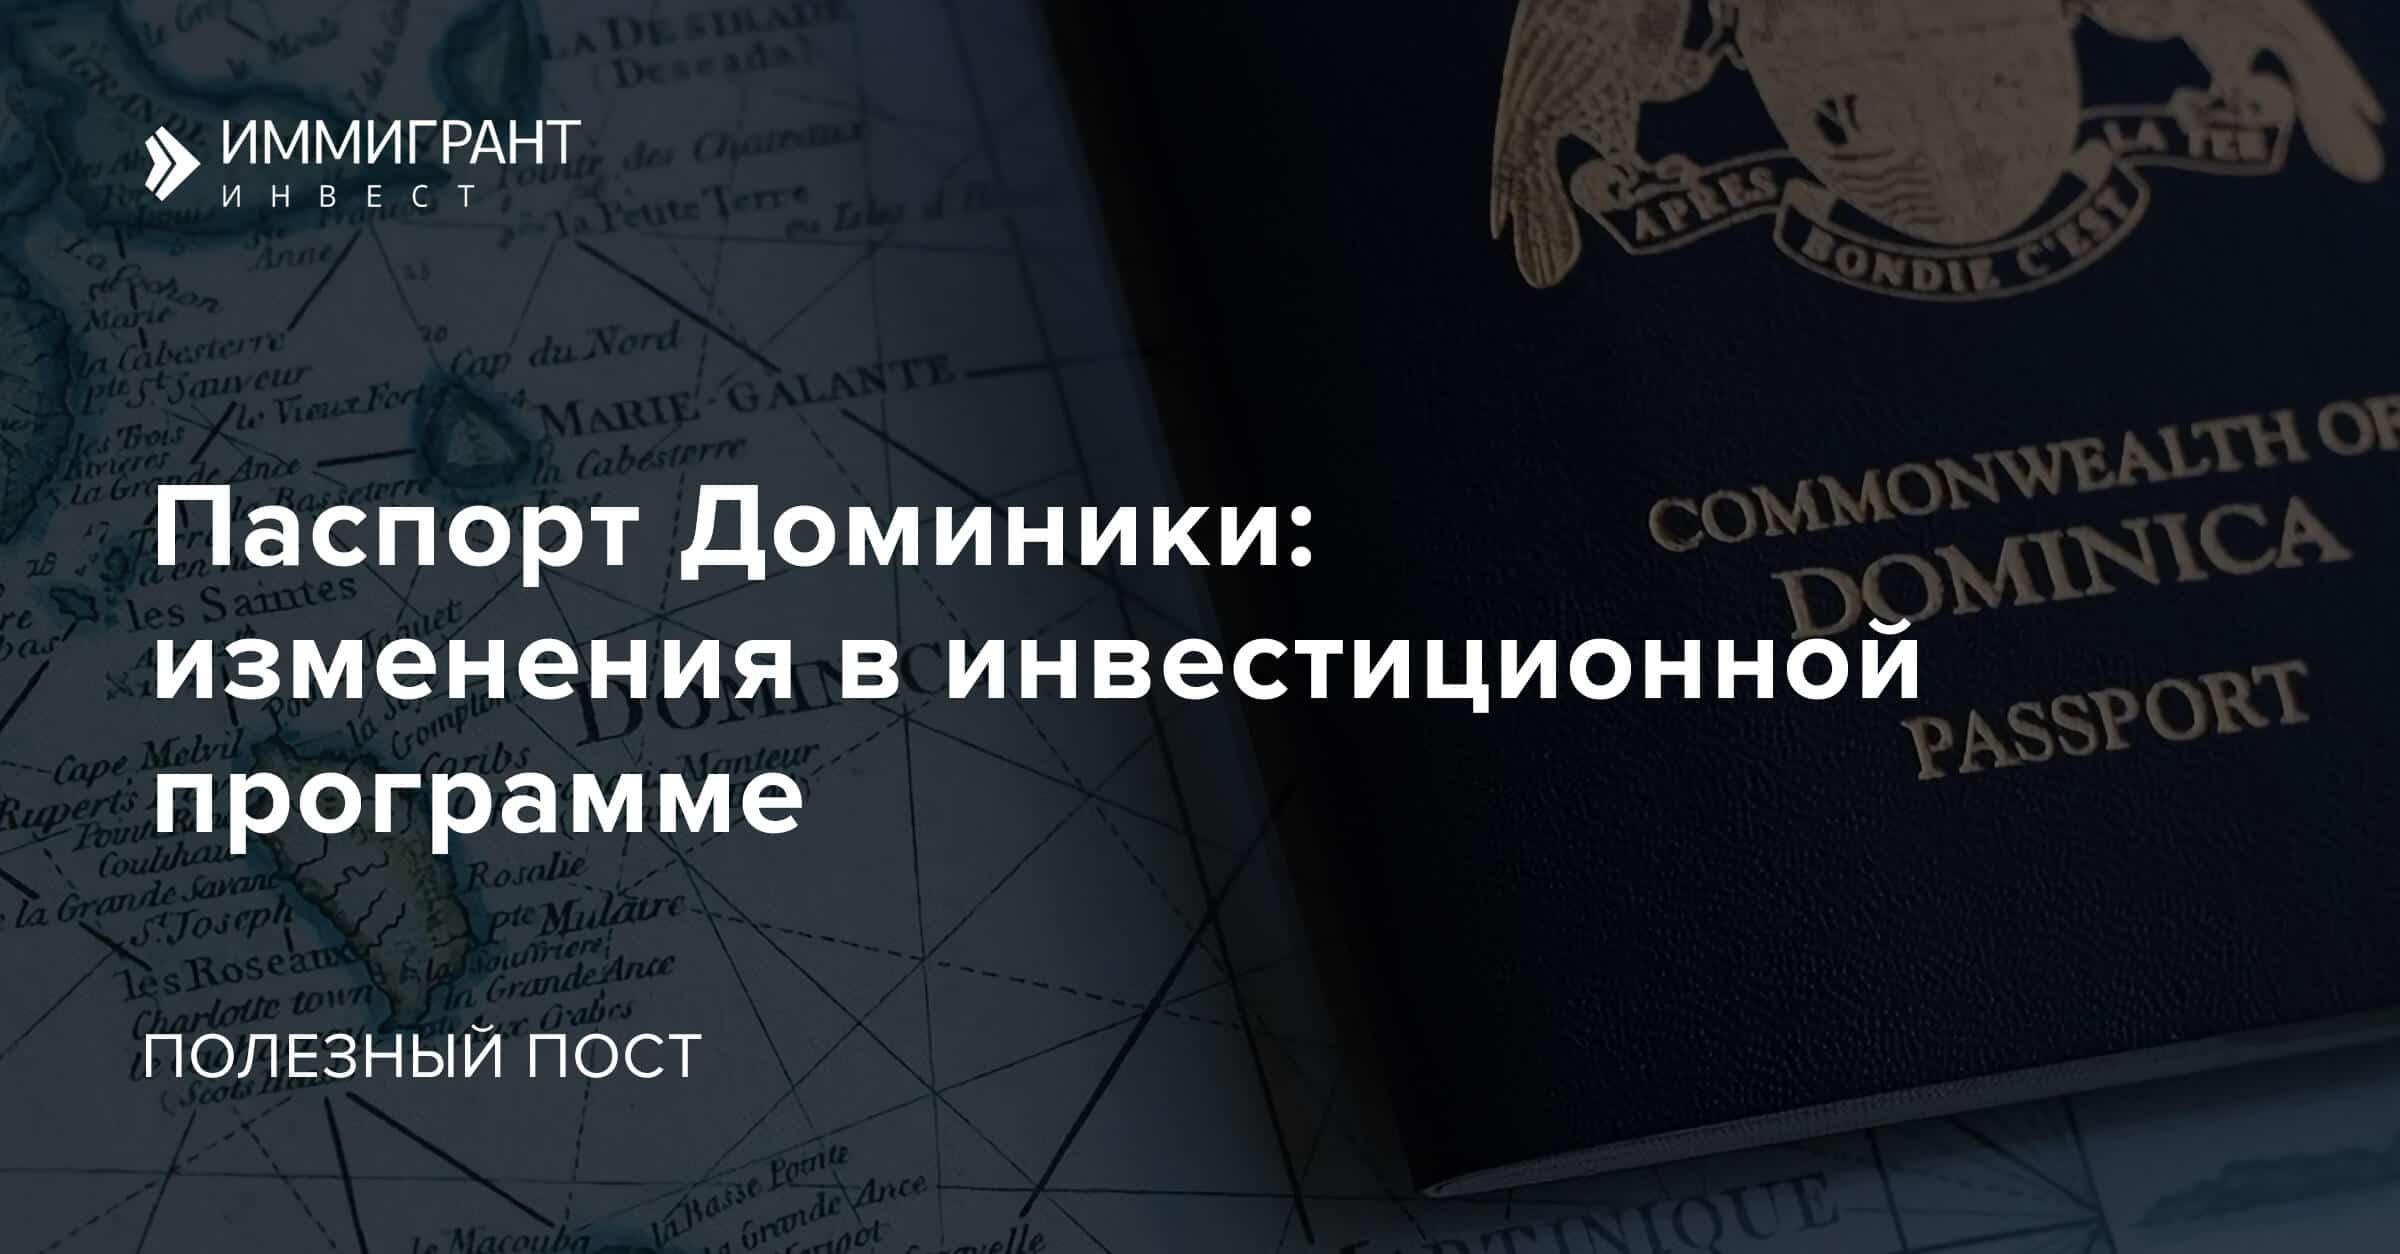 Переезд в хорватию на пмж: эмиграция из россии в 2021 году